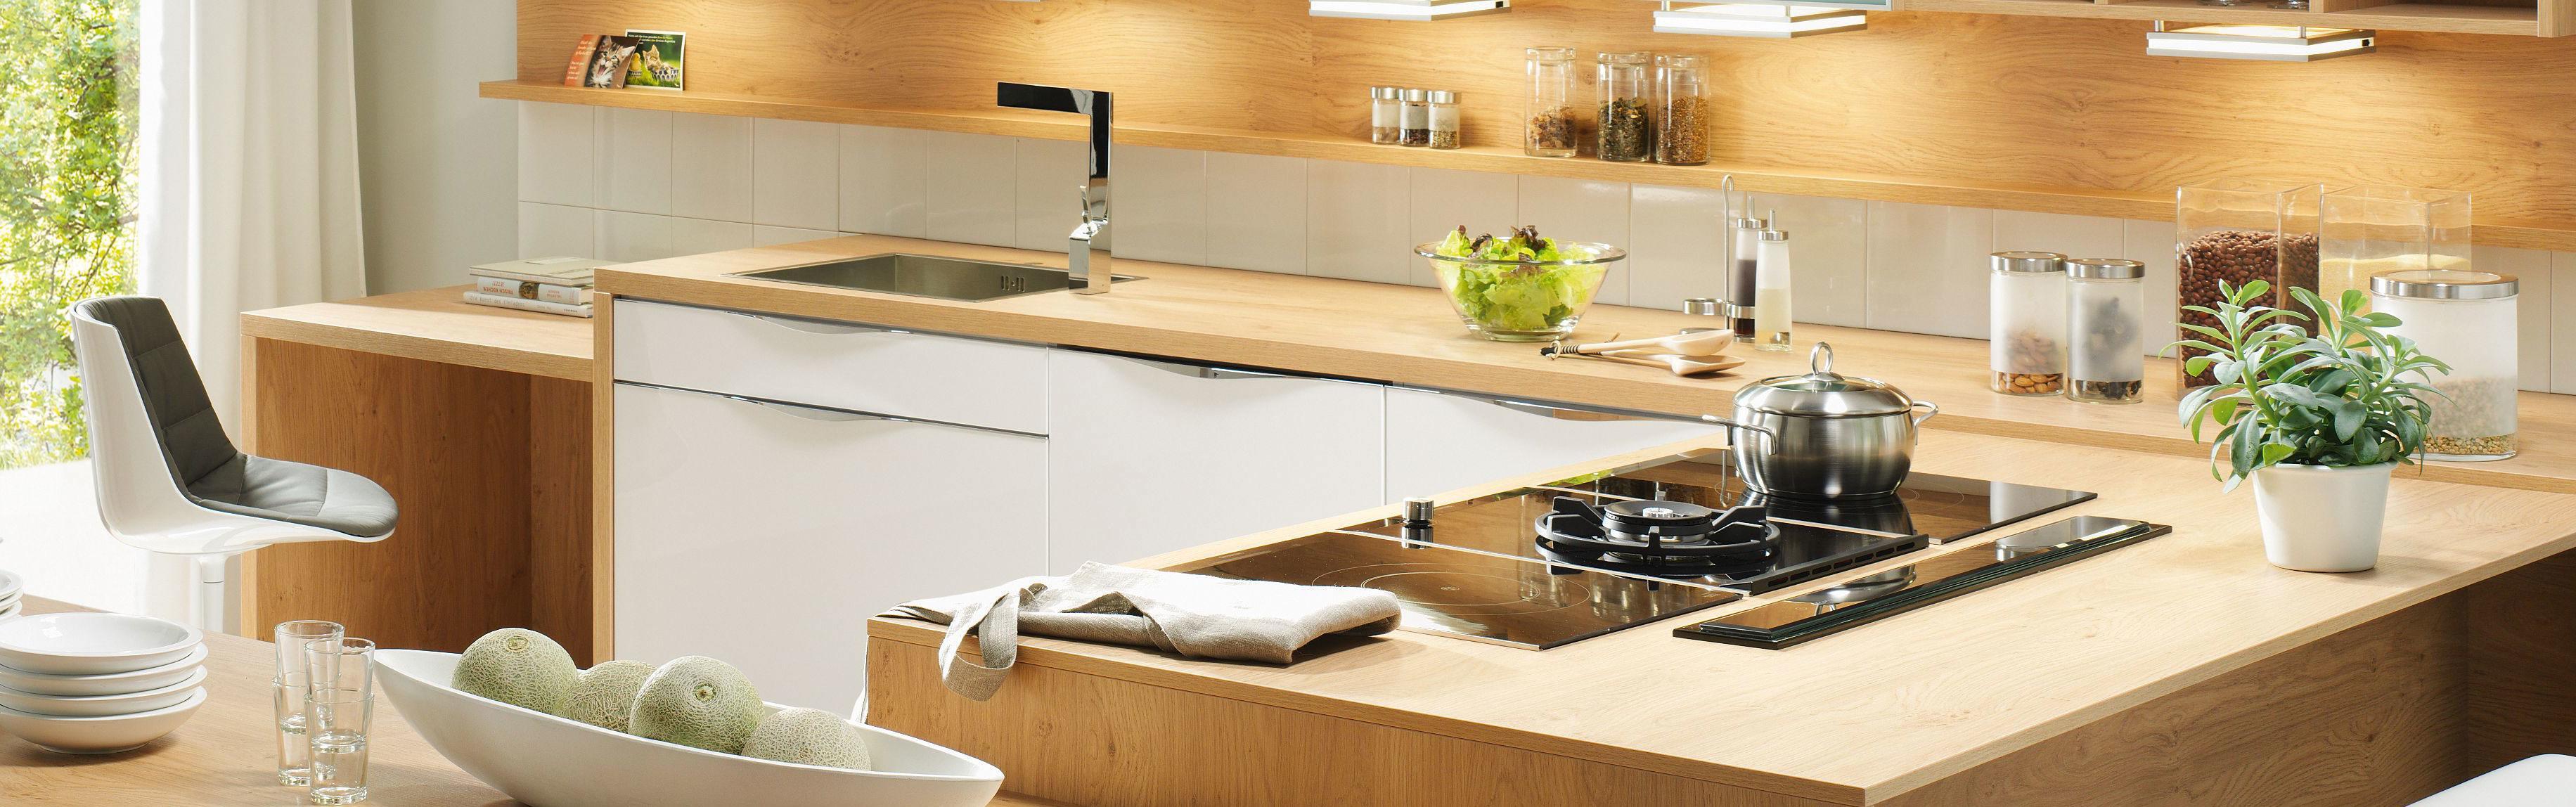 studioHR, DanKuchen Chromform kuhinja bijele boje visokog sjaja, slika 09